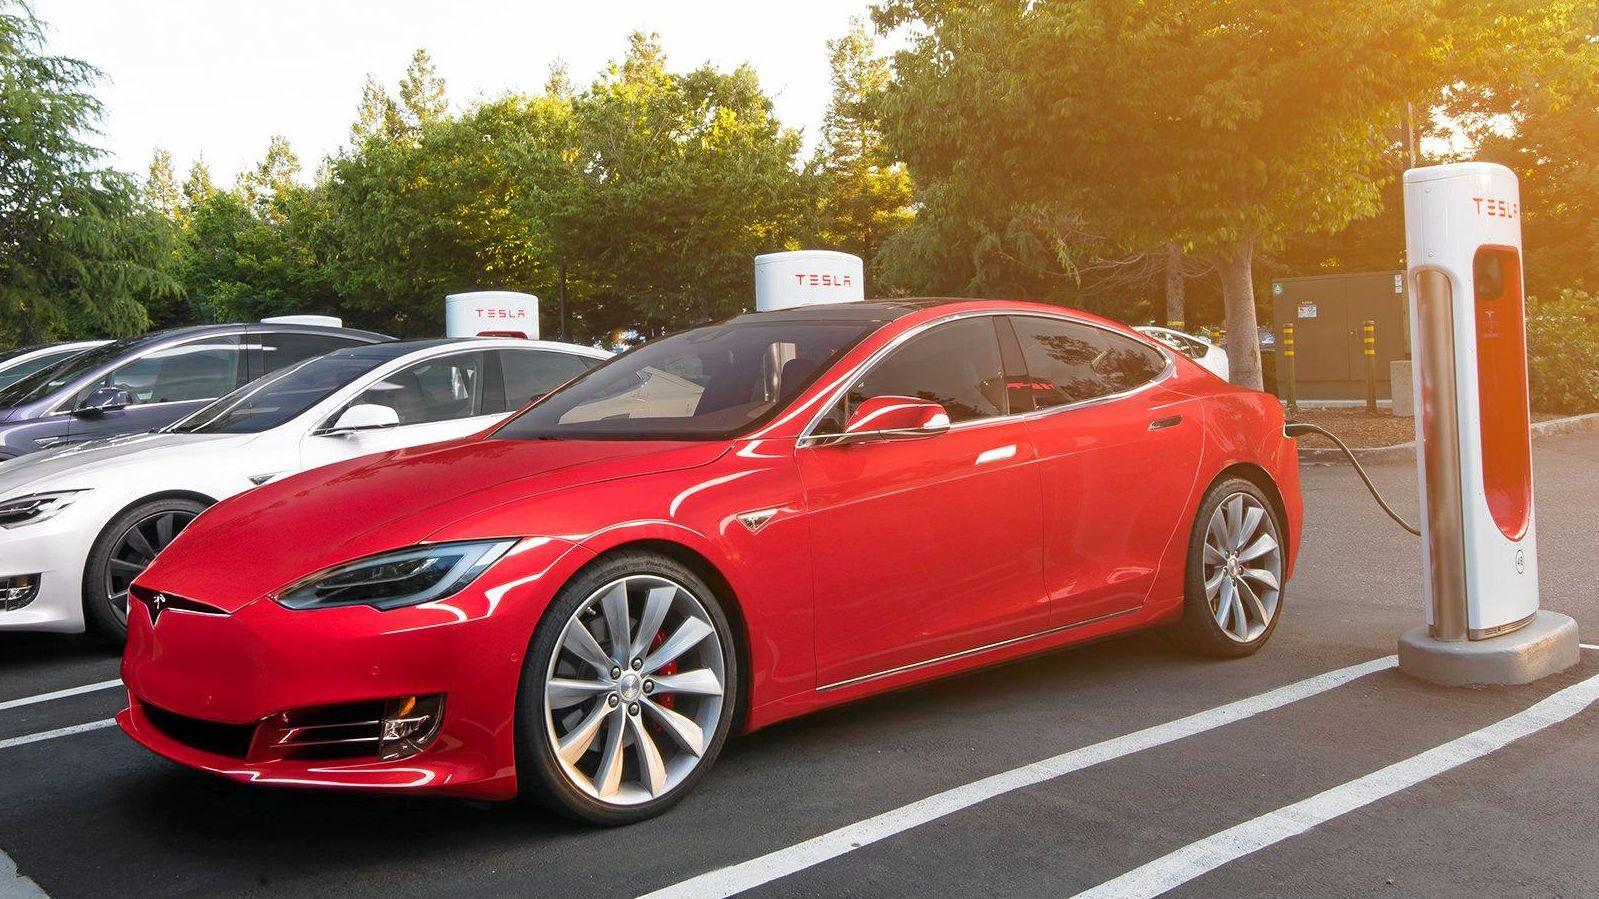 The Tesla Supercharger station.